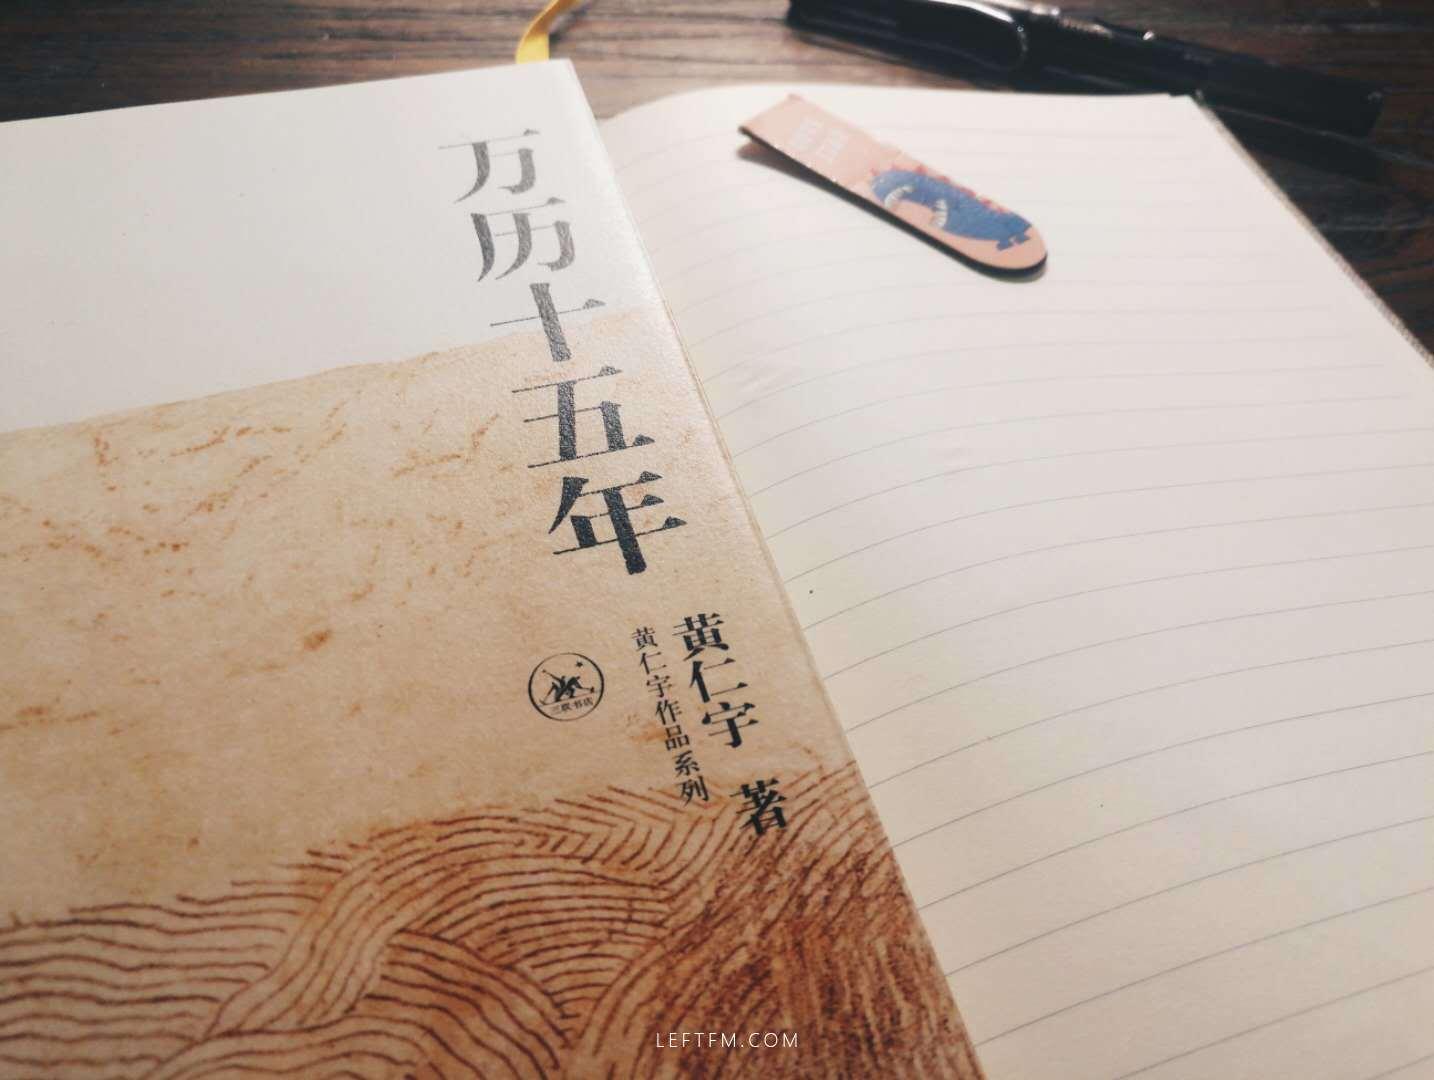 [美] 黄仁宇 / 万历十五年